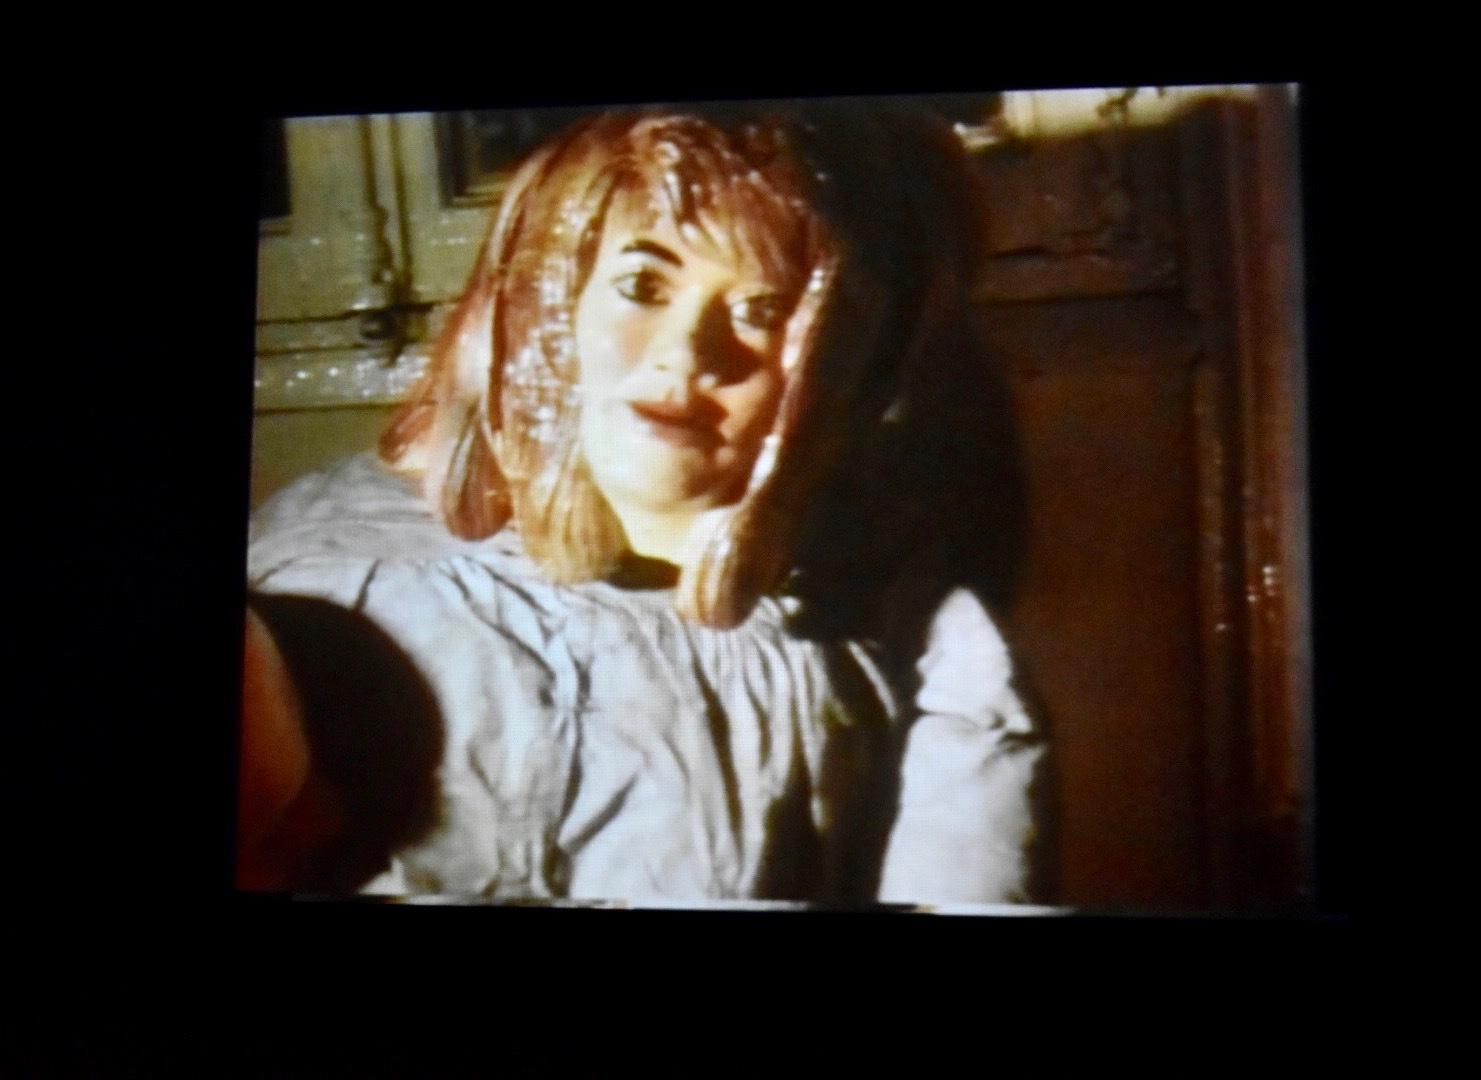 《なめる男》 1969年 「クリスチャン・ボルタンスキー −Lifetime」展 2019年 国立新美術館展示風景